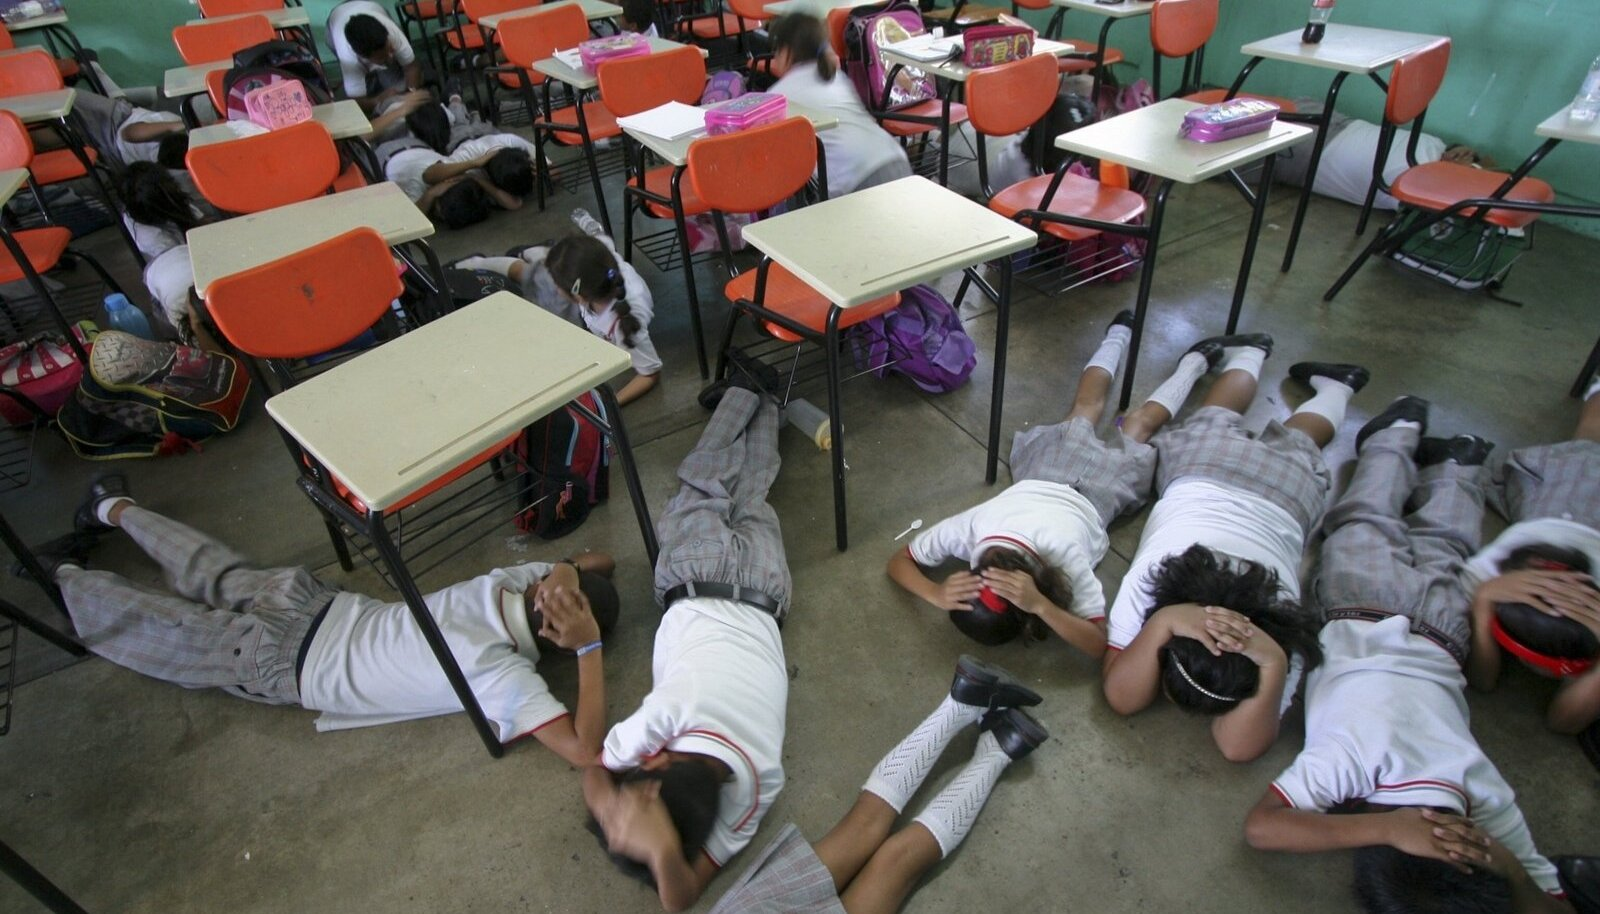 Guerrero osariigi algkooli lapsed harjutavad, kuidas käituda koolitulistamise korral.